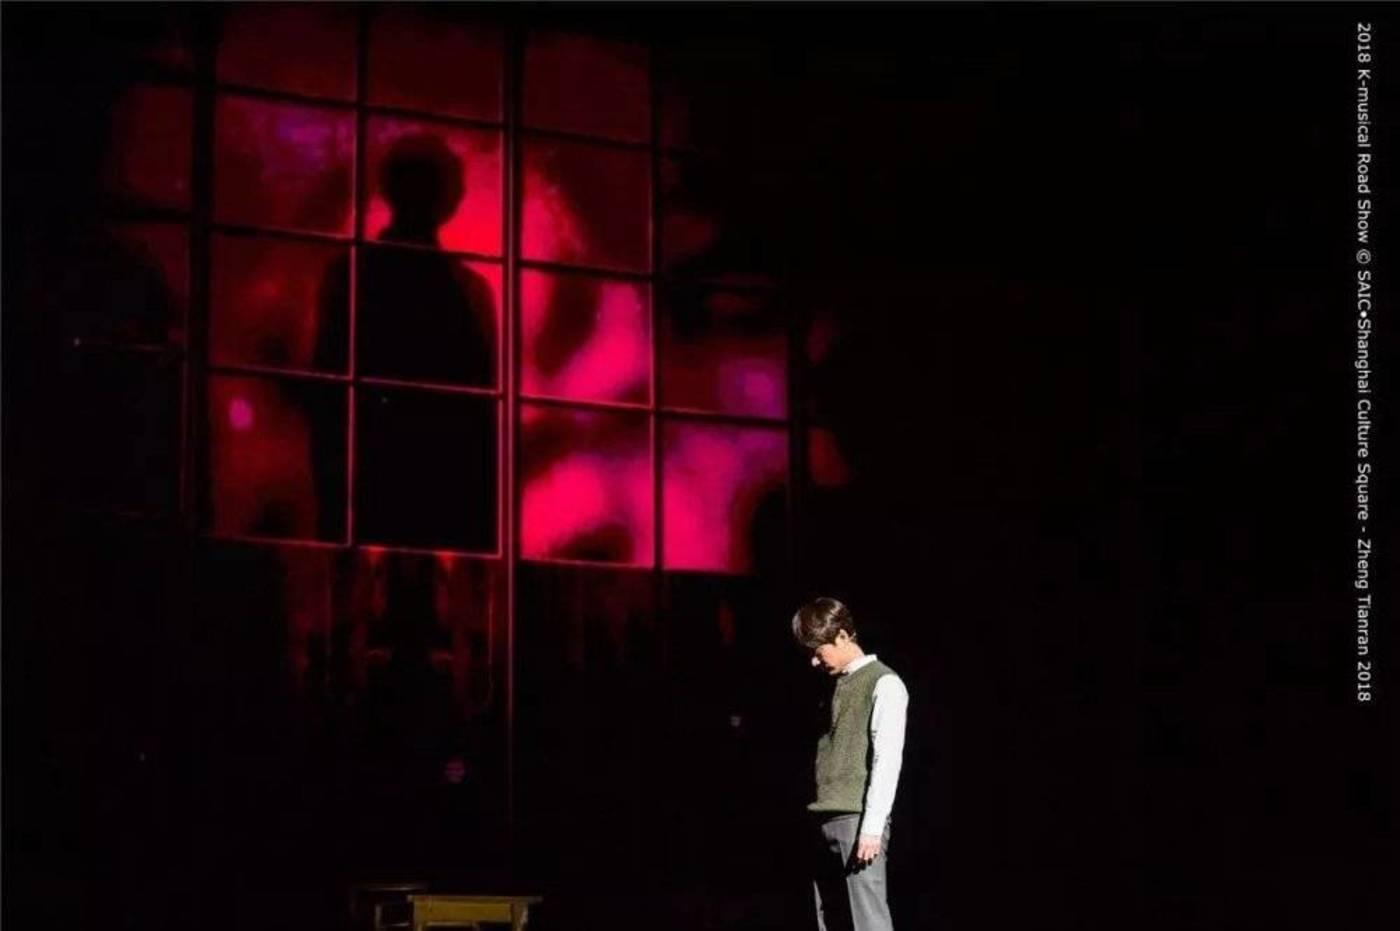 韩国原创音乐剧推介大赏推介作品《粉丝来信》,首演和重演门票全部售罄